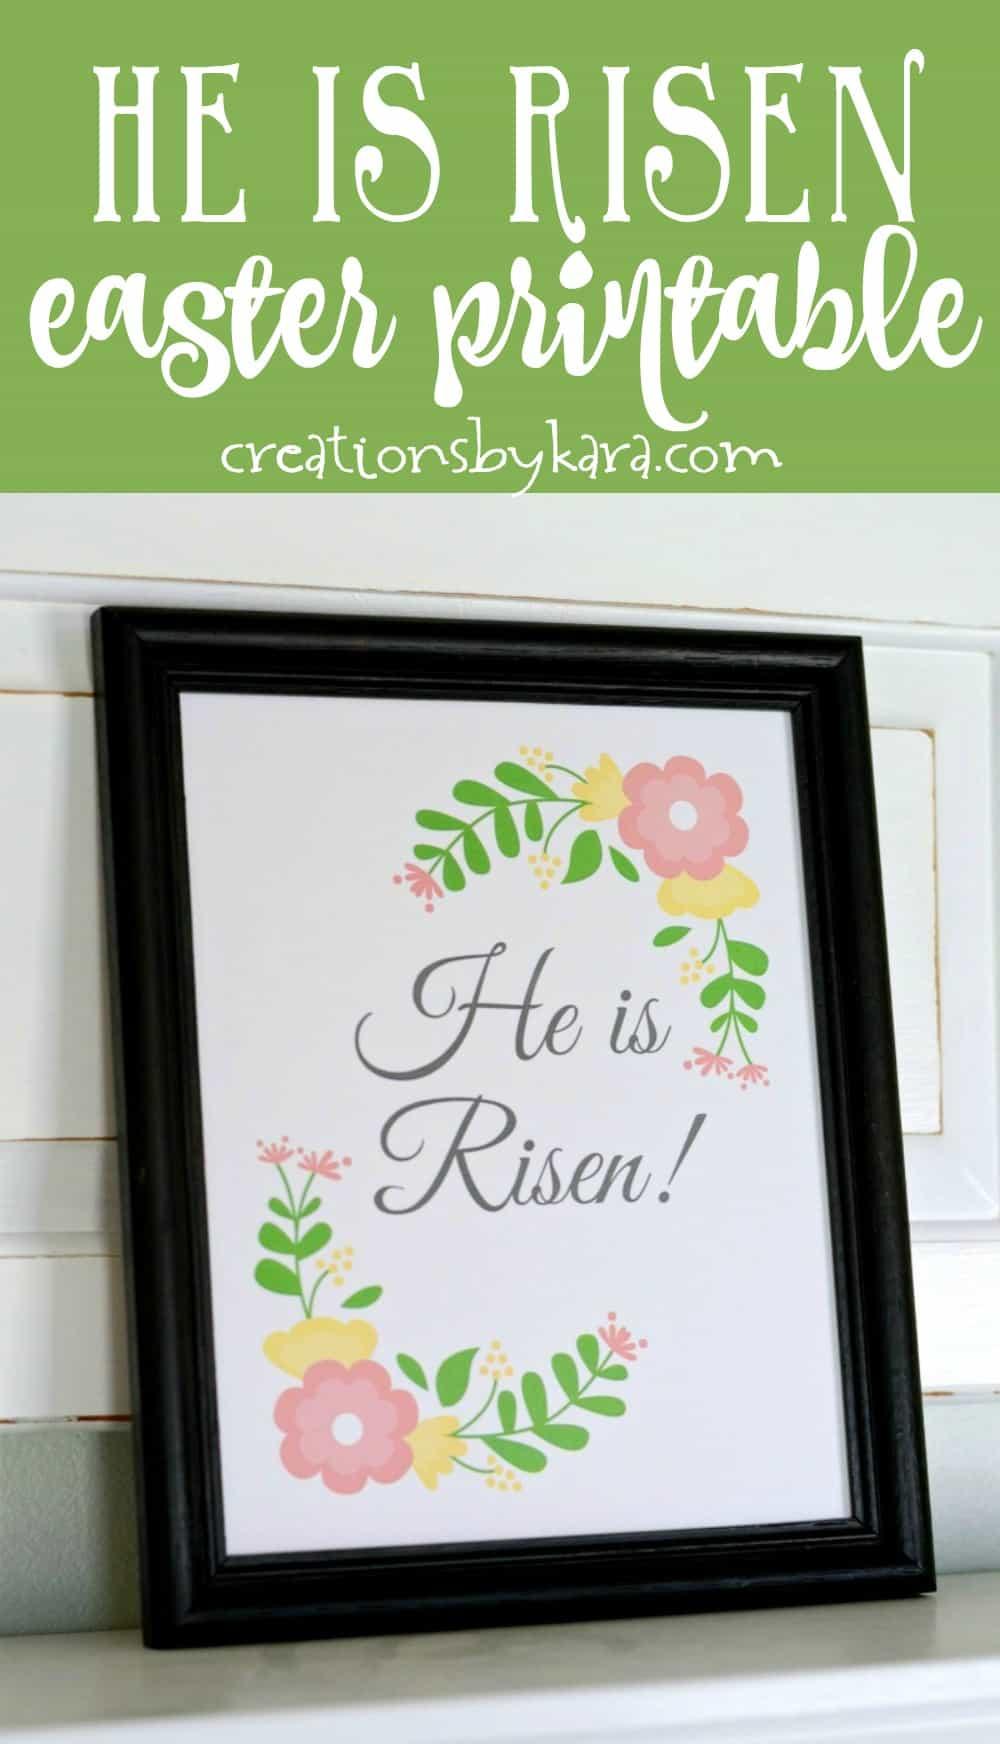 Free printable Easter Egg Resurrection Lesson - Free Easter Printable Art - He Is Risen! Christ centered Easter ideas